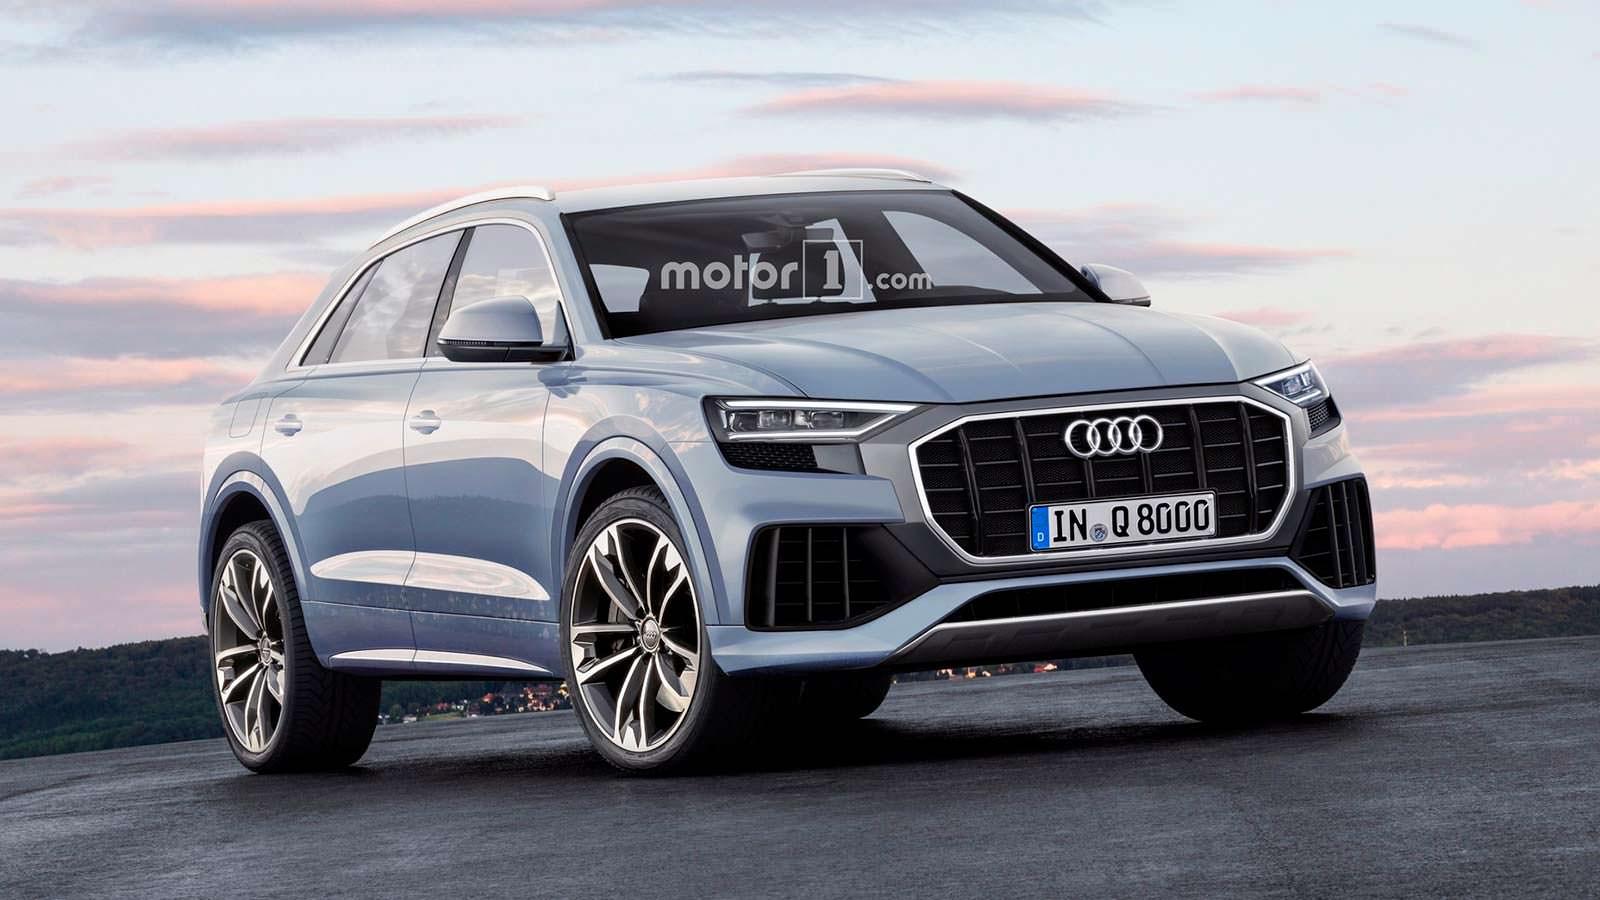 Серийная Audi Q8 по версии motor1.com